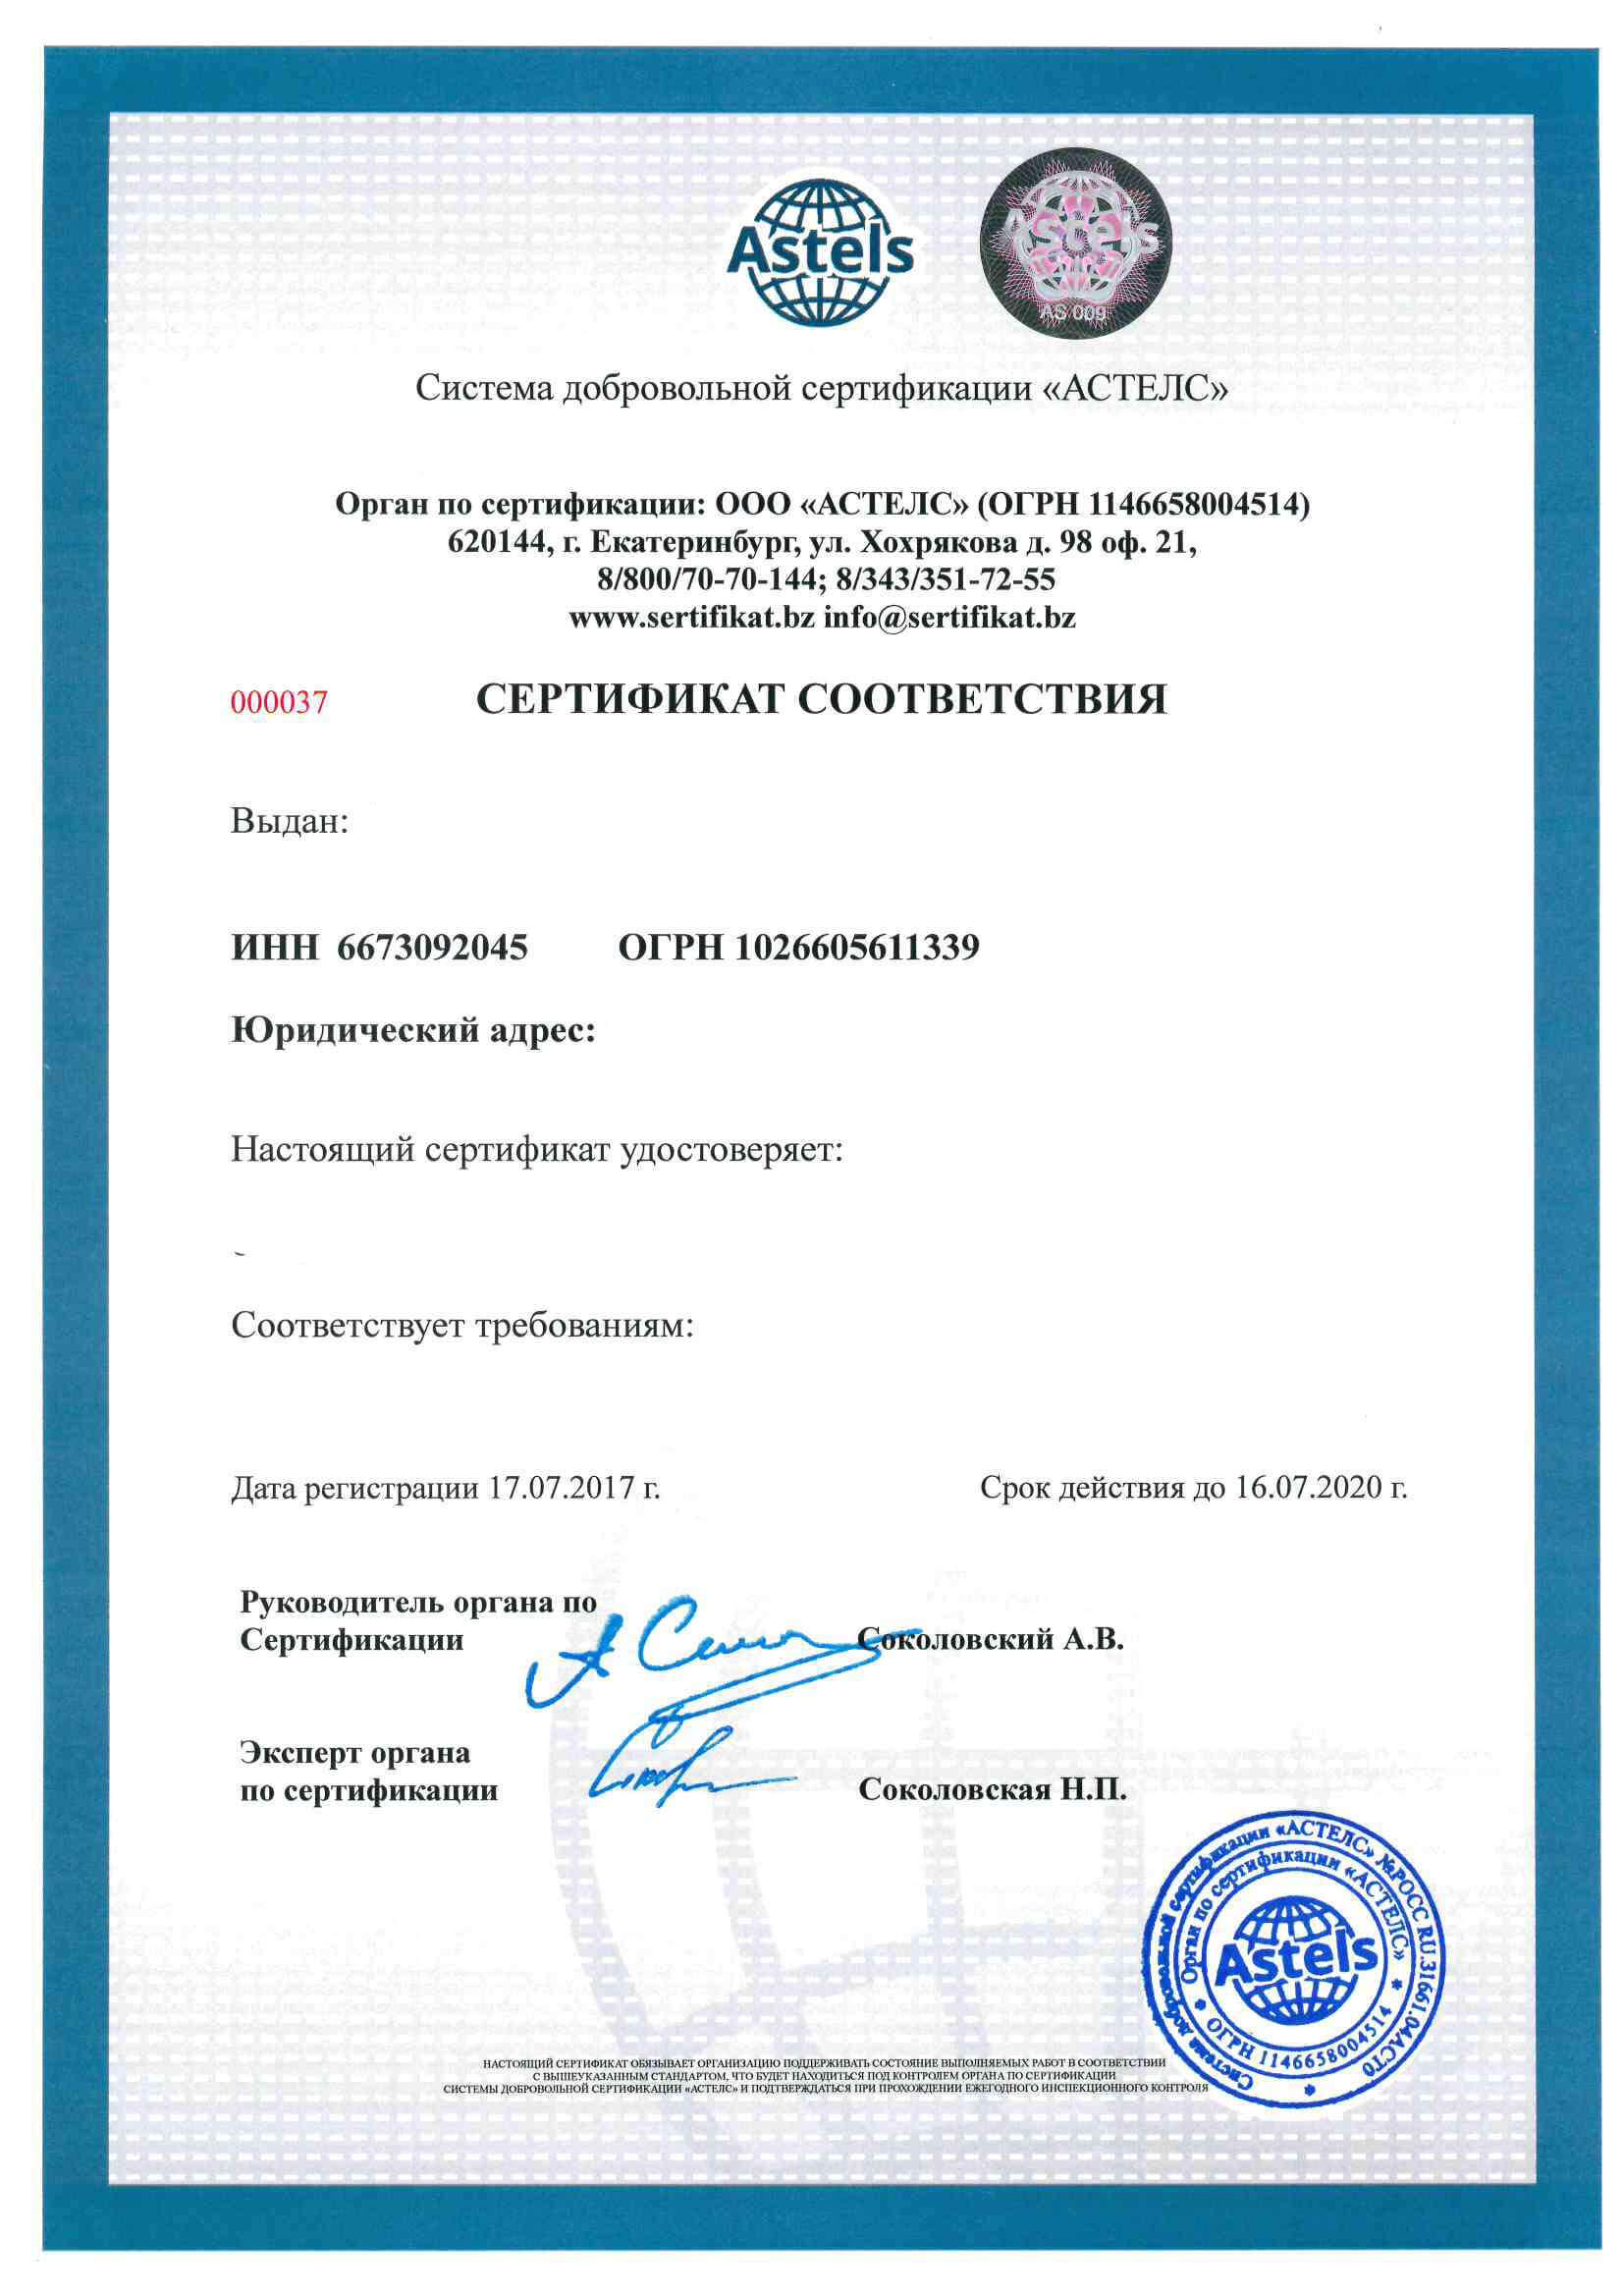 Сертификат исо 9001 быстро недорого lineage 2 сертификация для некроманта